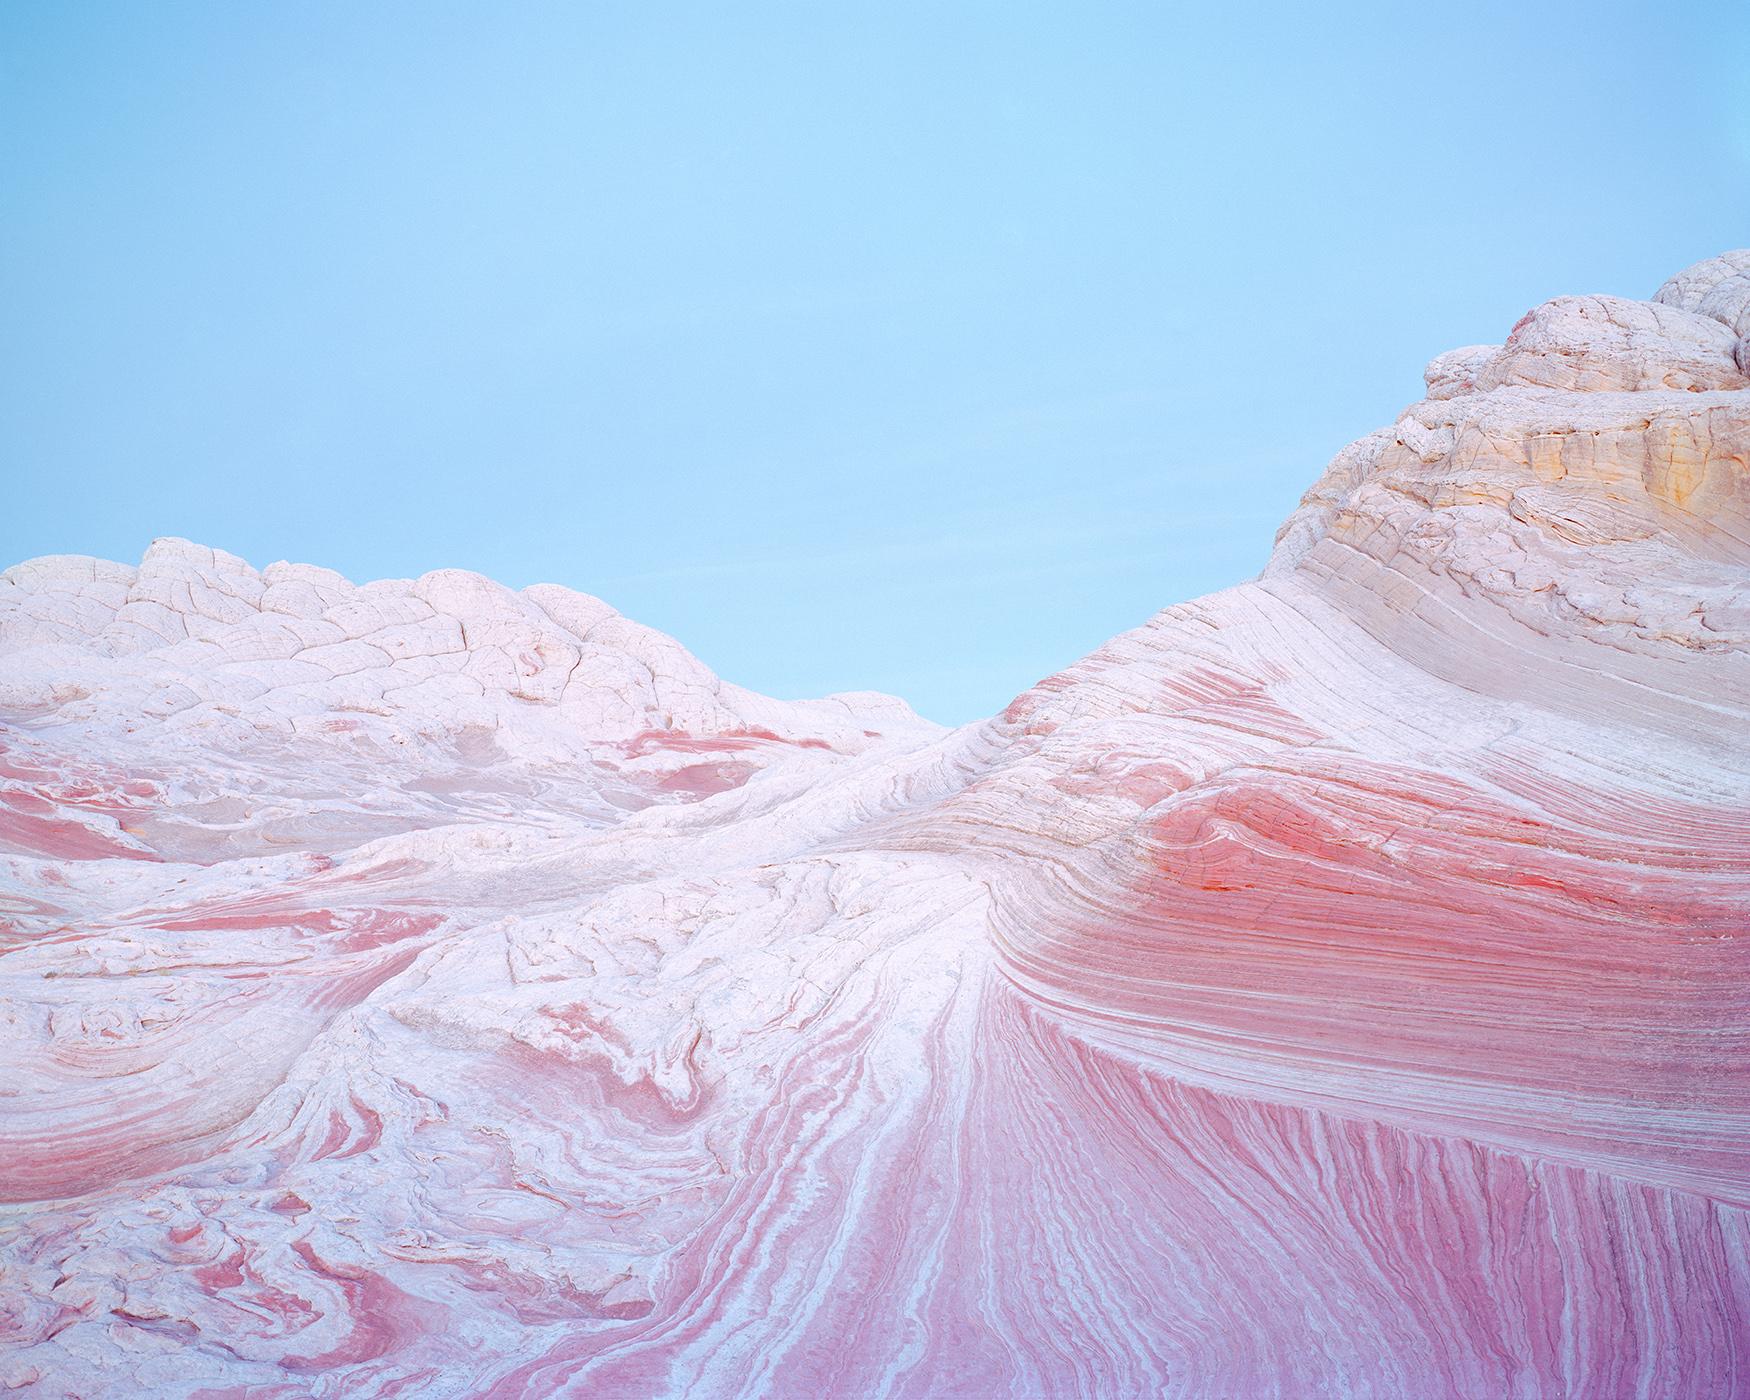 Медитативные пейзажи в фотографиях Луки Томболини